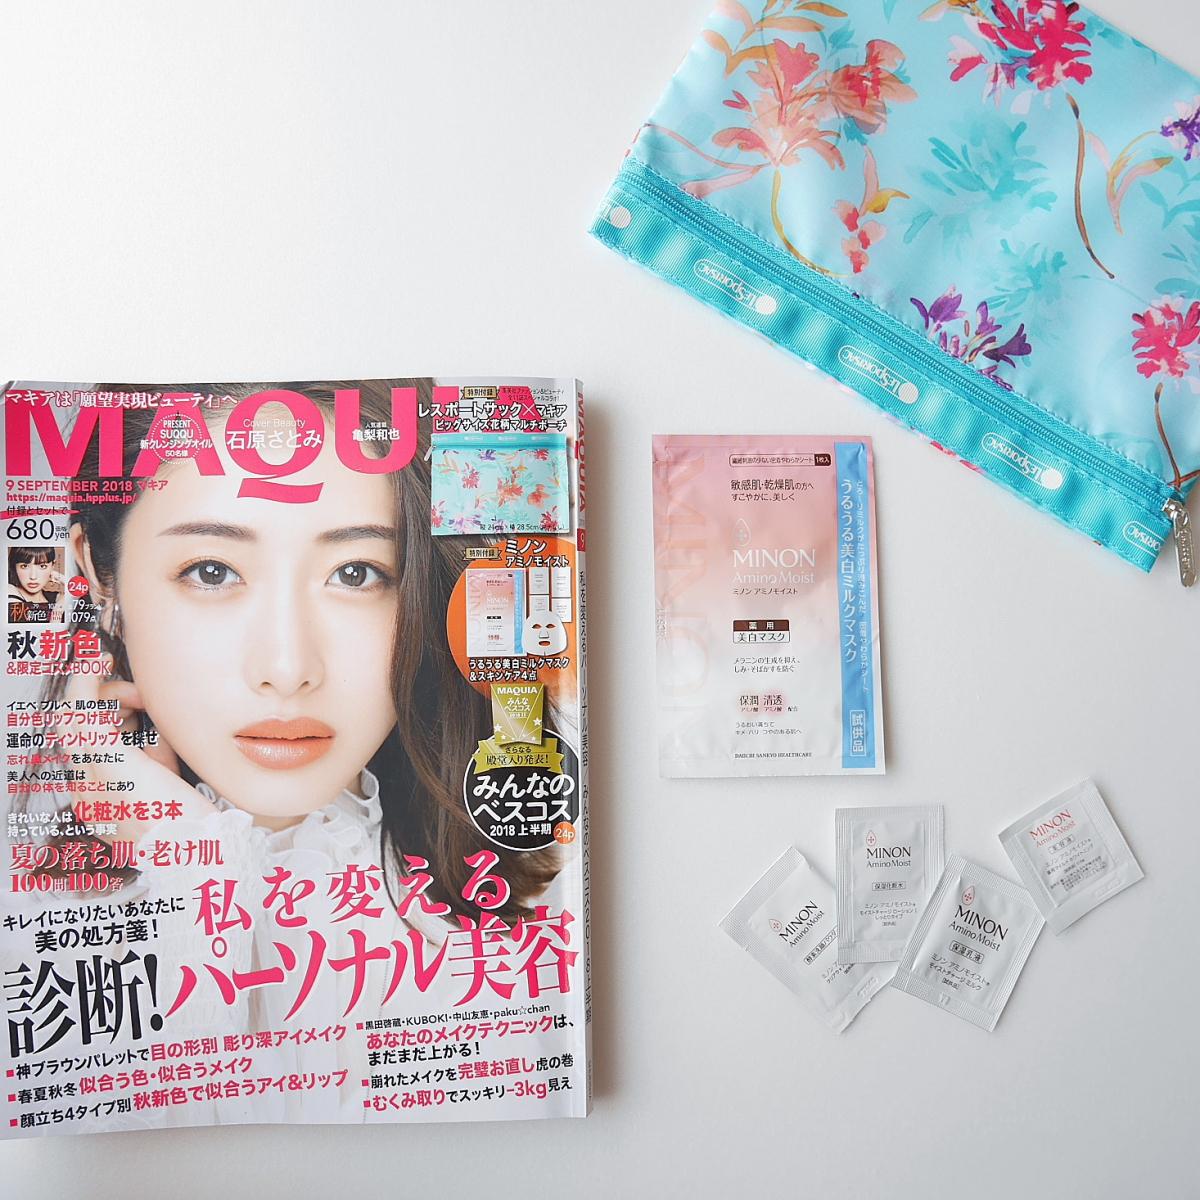 【MAQUIA2018年9月号】付録にMINONのマスクが!パーソナル美容にみんなのベスコスも丸分かり